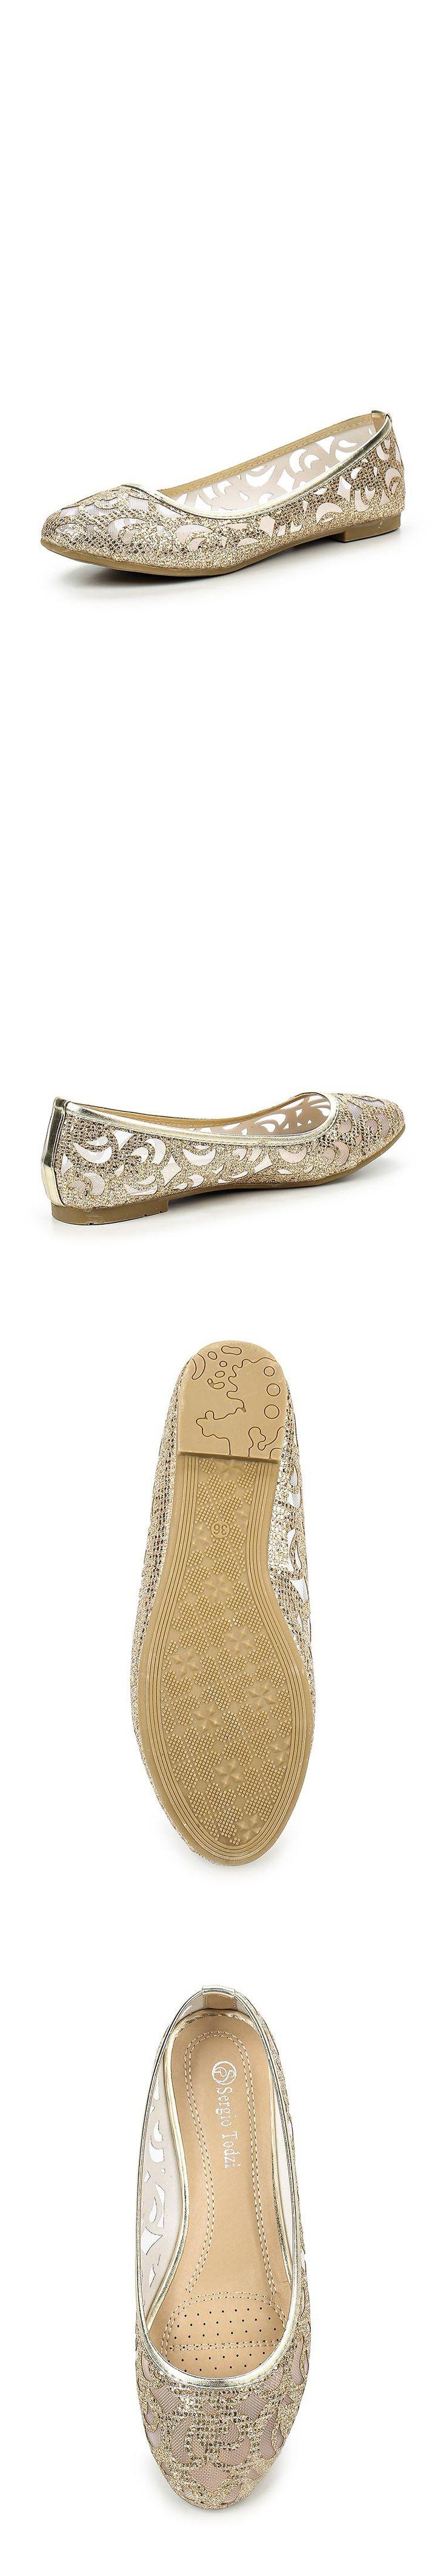 Женская обувь балетки Sergio Todzi за 1100.00 руб.